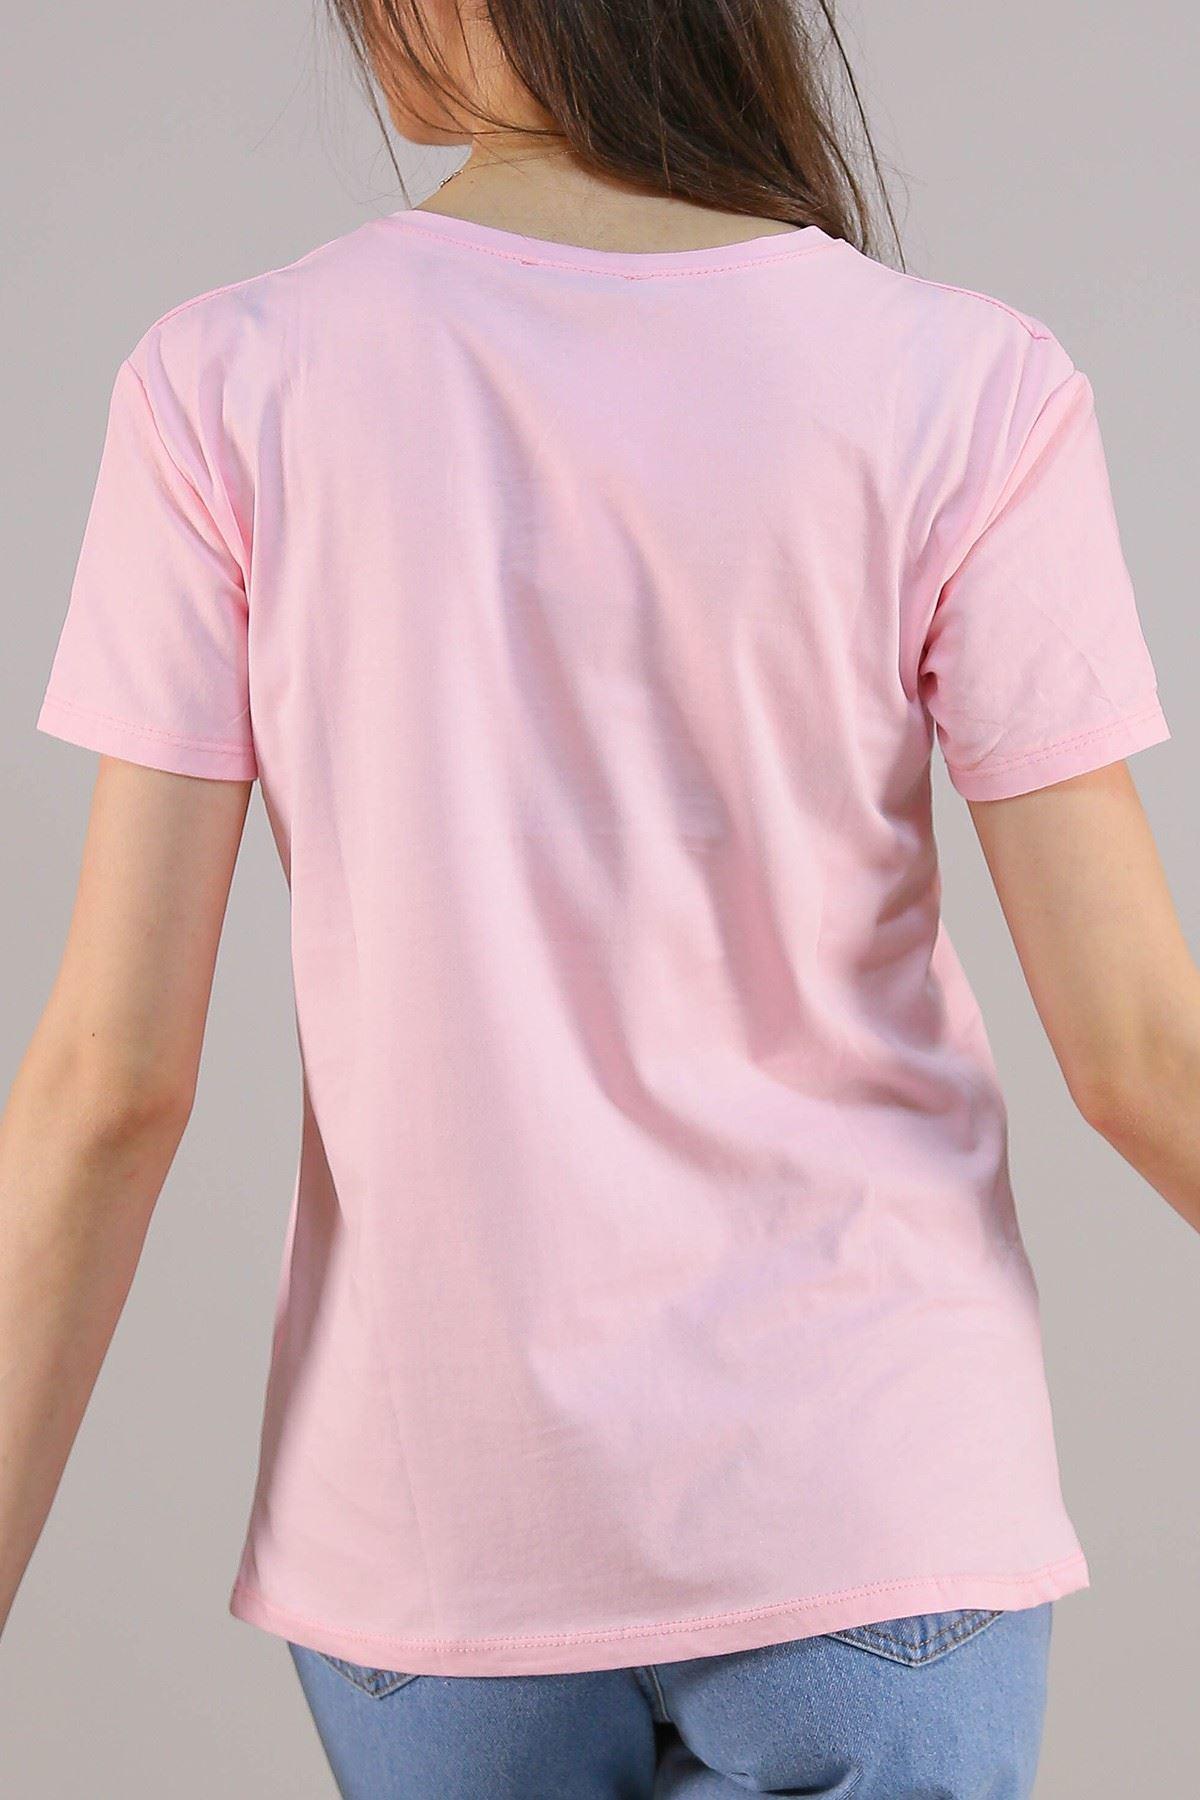 Baskılı Tişört Pembe - 5009.336.